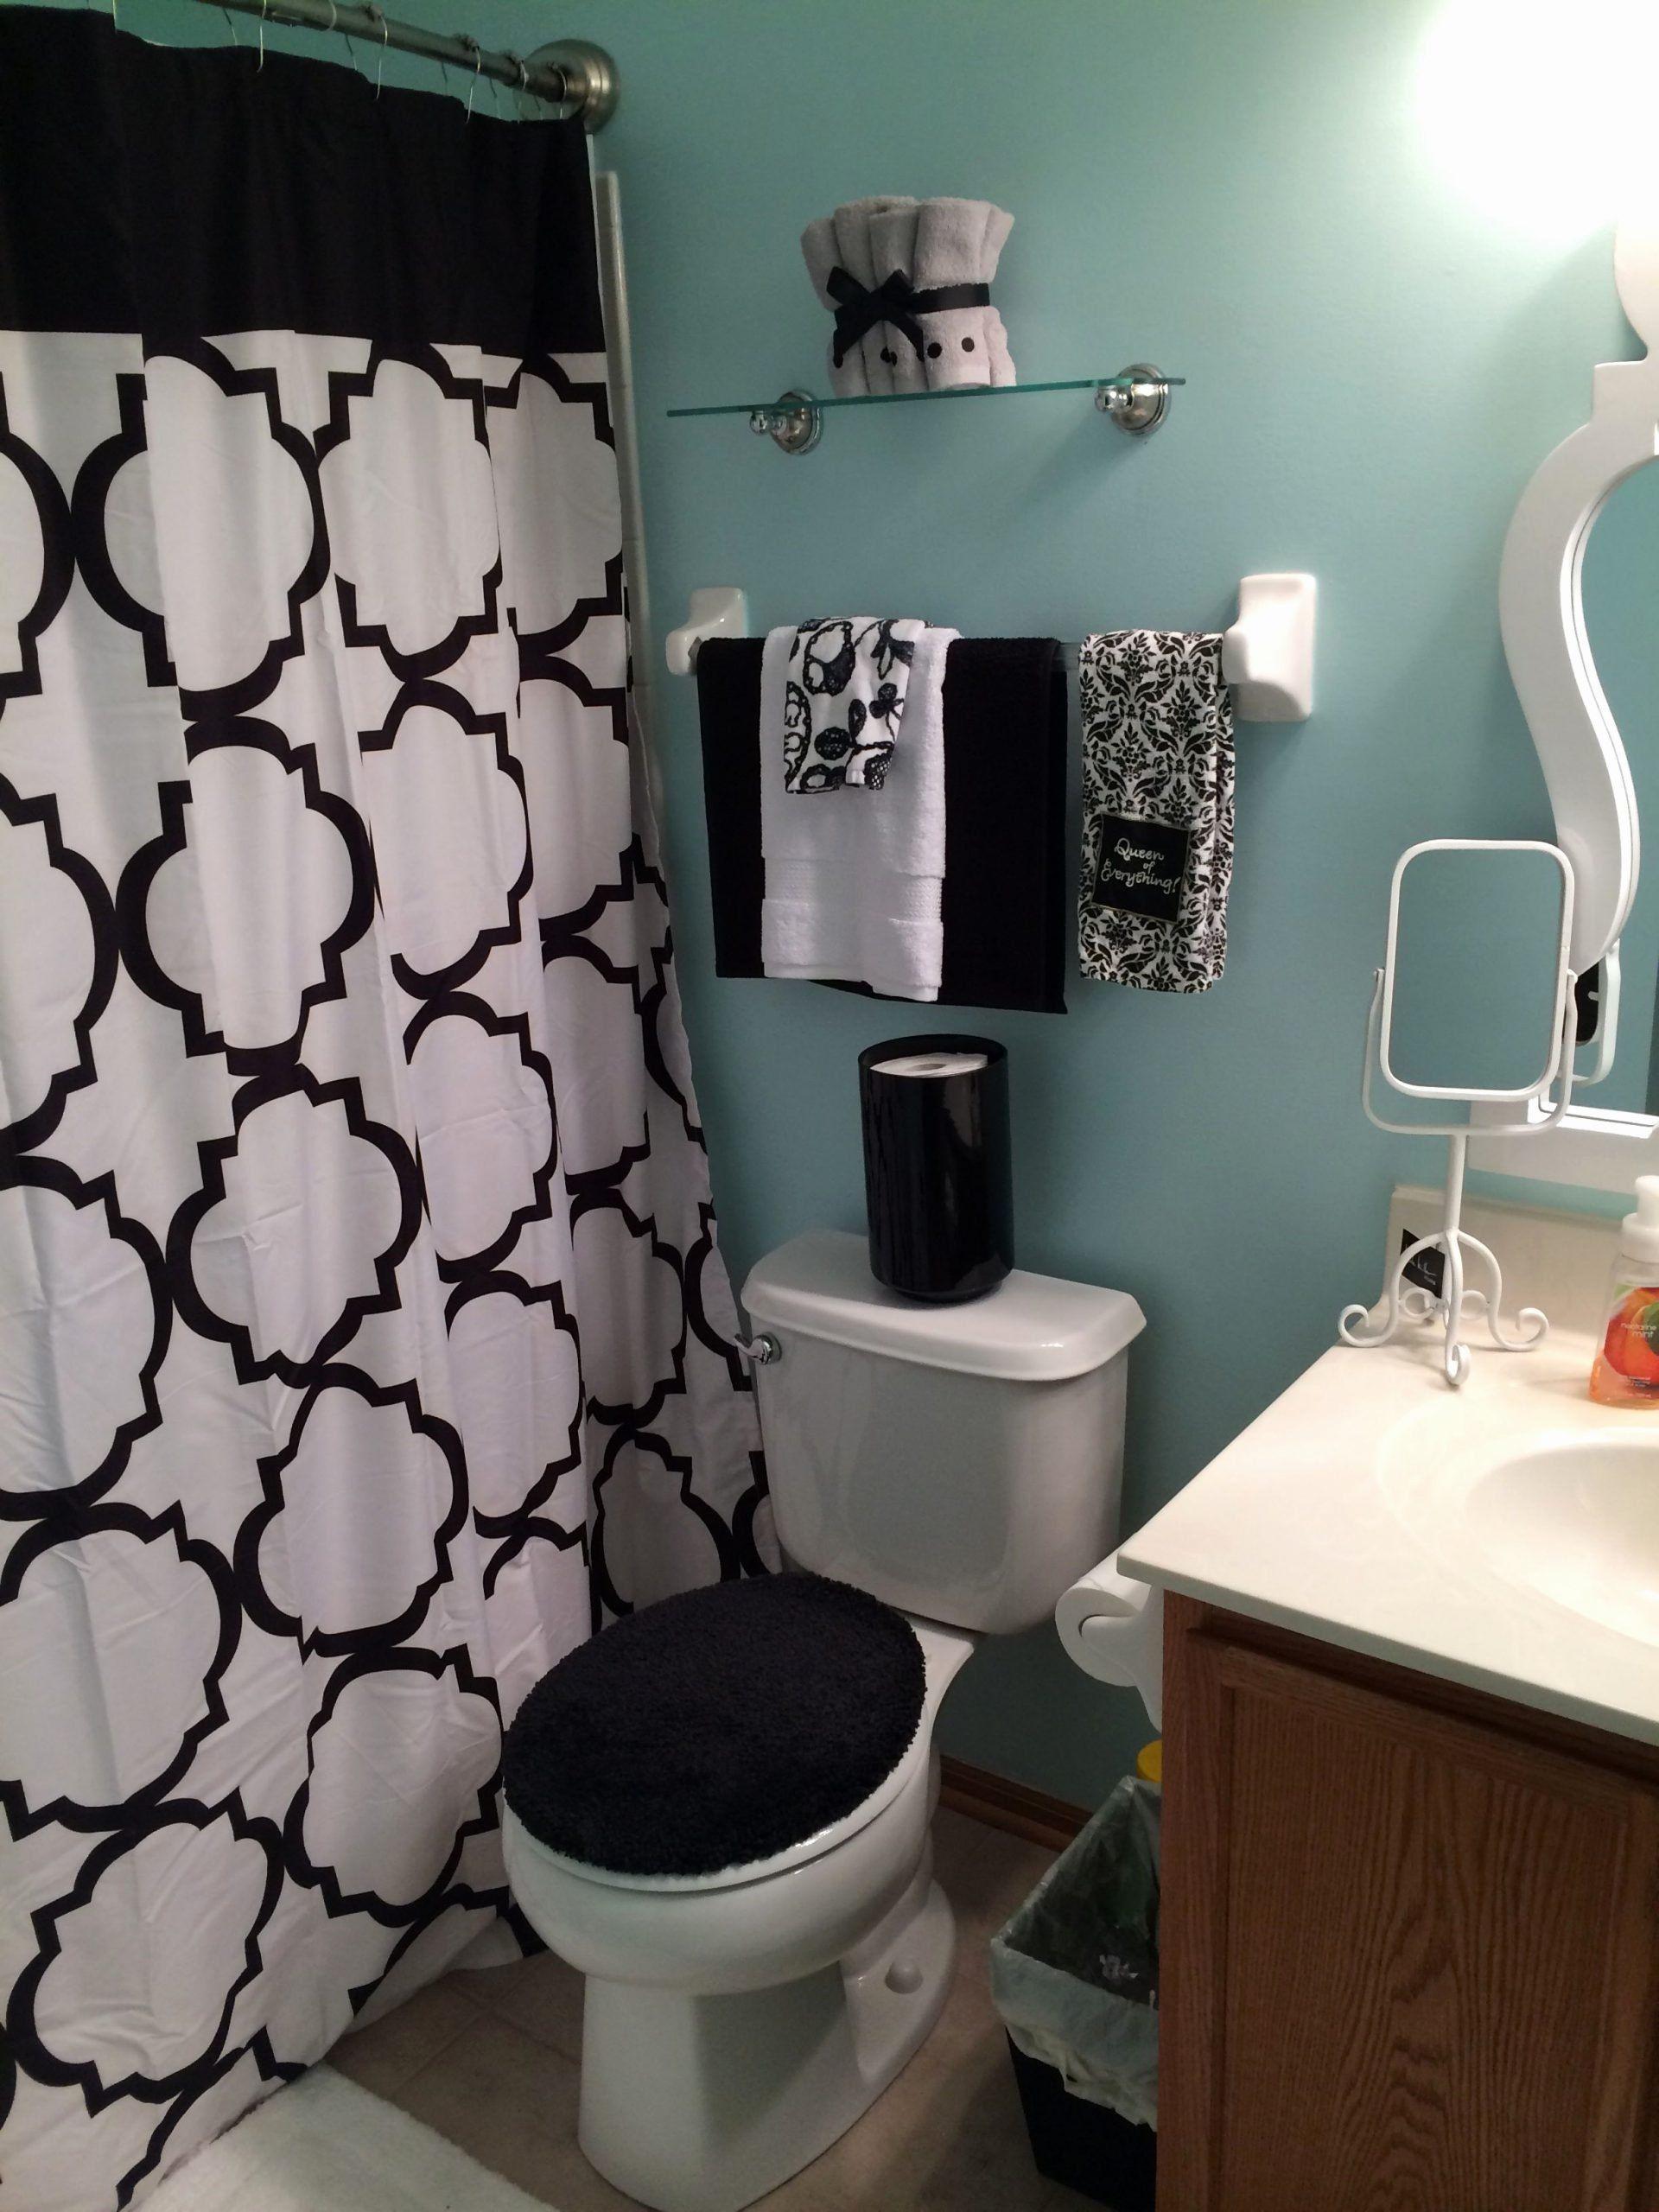 Bathroom African Decor Gitapp Link, African Bathroom Decor